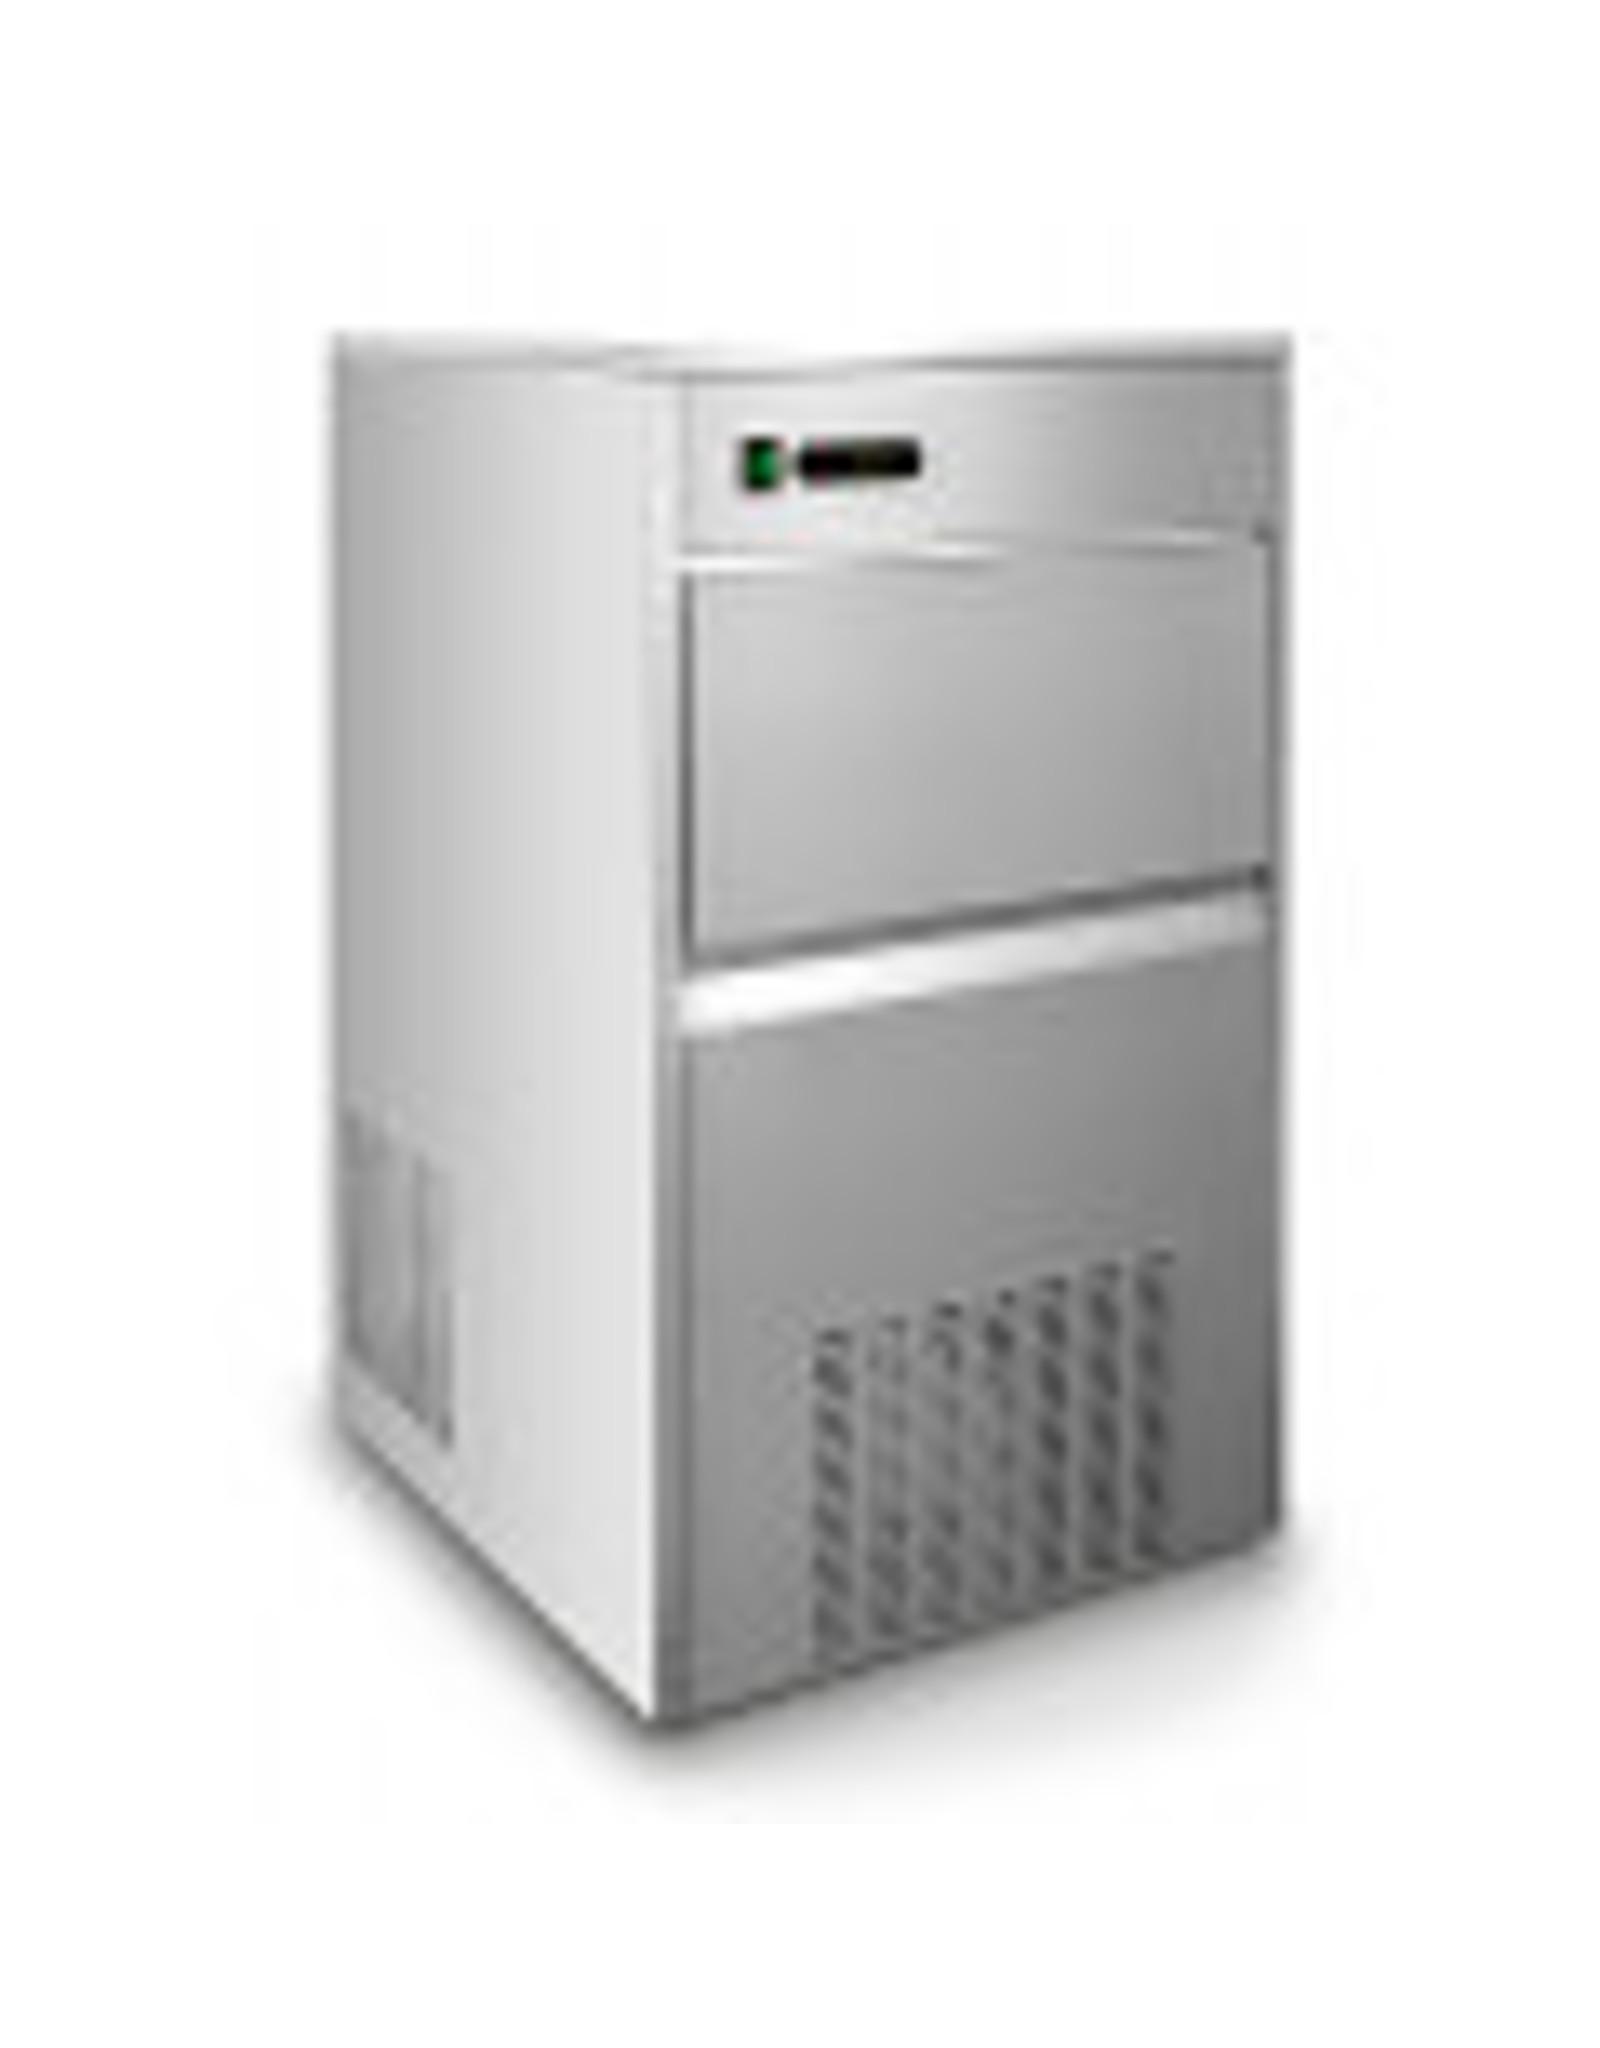 Q-Gastro Q-Gastro IM-80 IJsblokjesmachine 80 kg / 24h 230V (Nieuw)